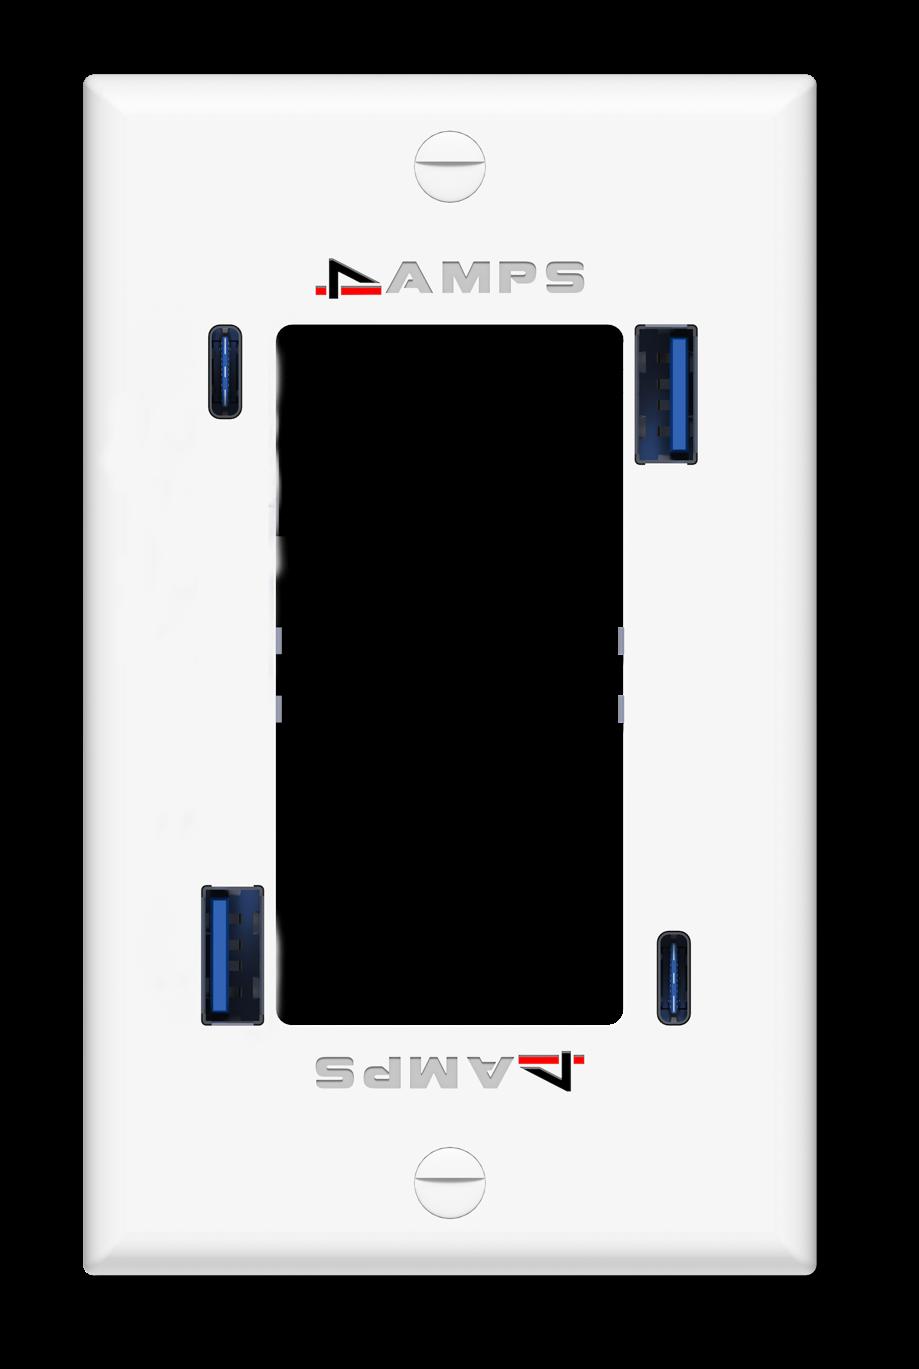 Quad (4 USB Ports)